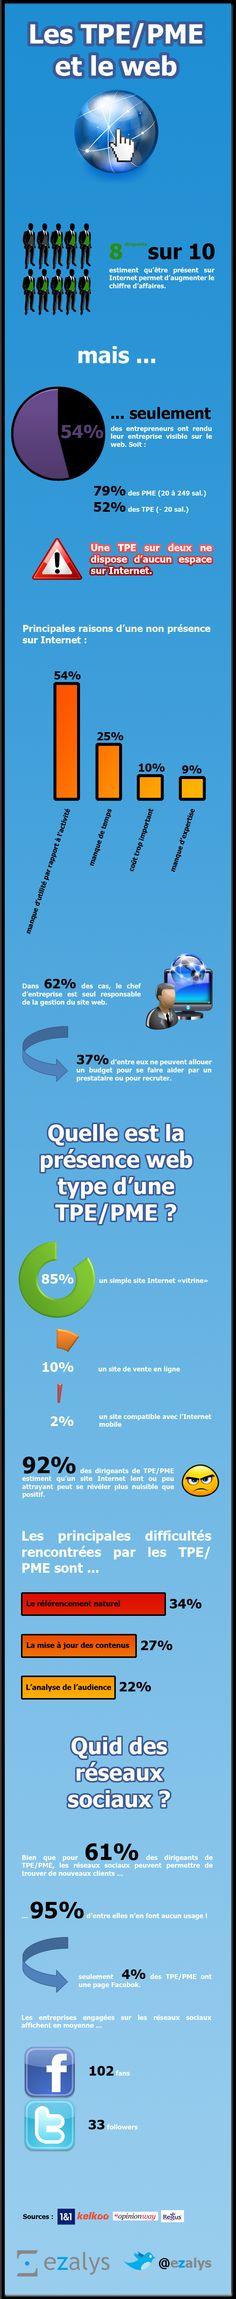 Où en sont les TPE/PME de leur présence sur Internet ?